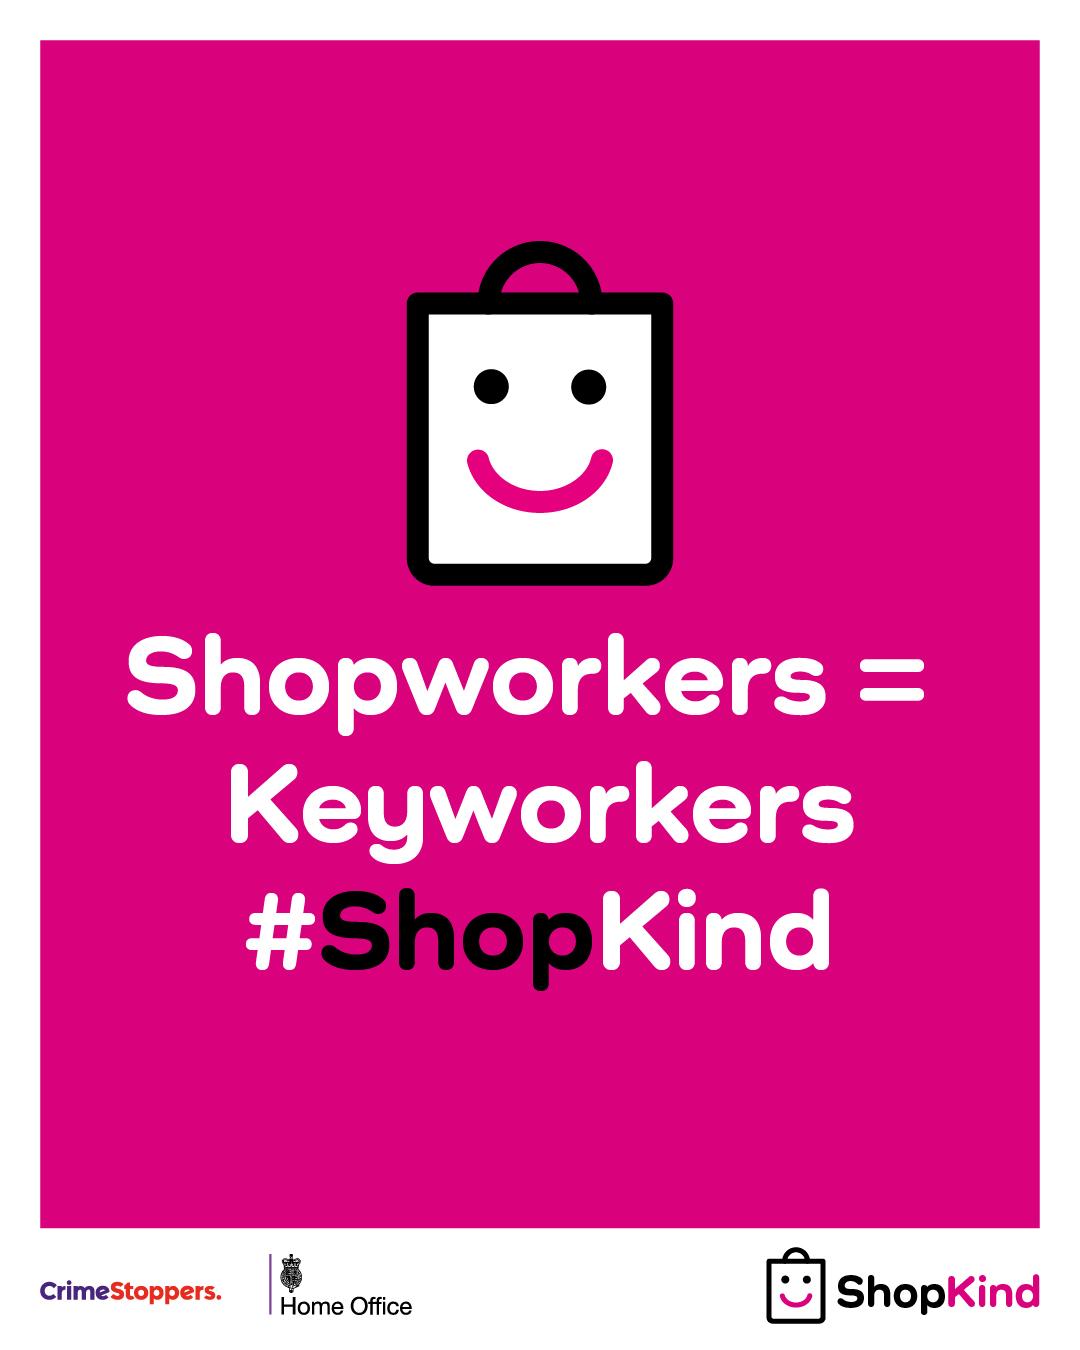 Shopkind